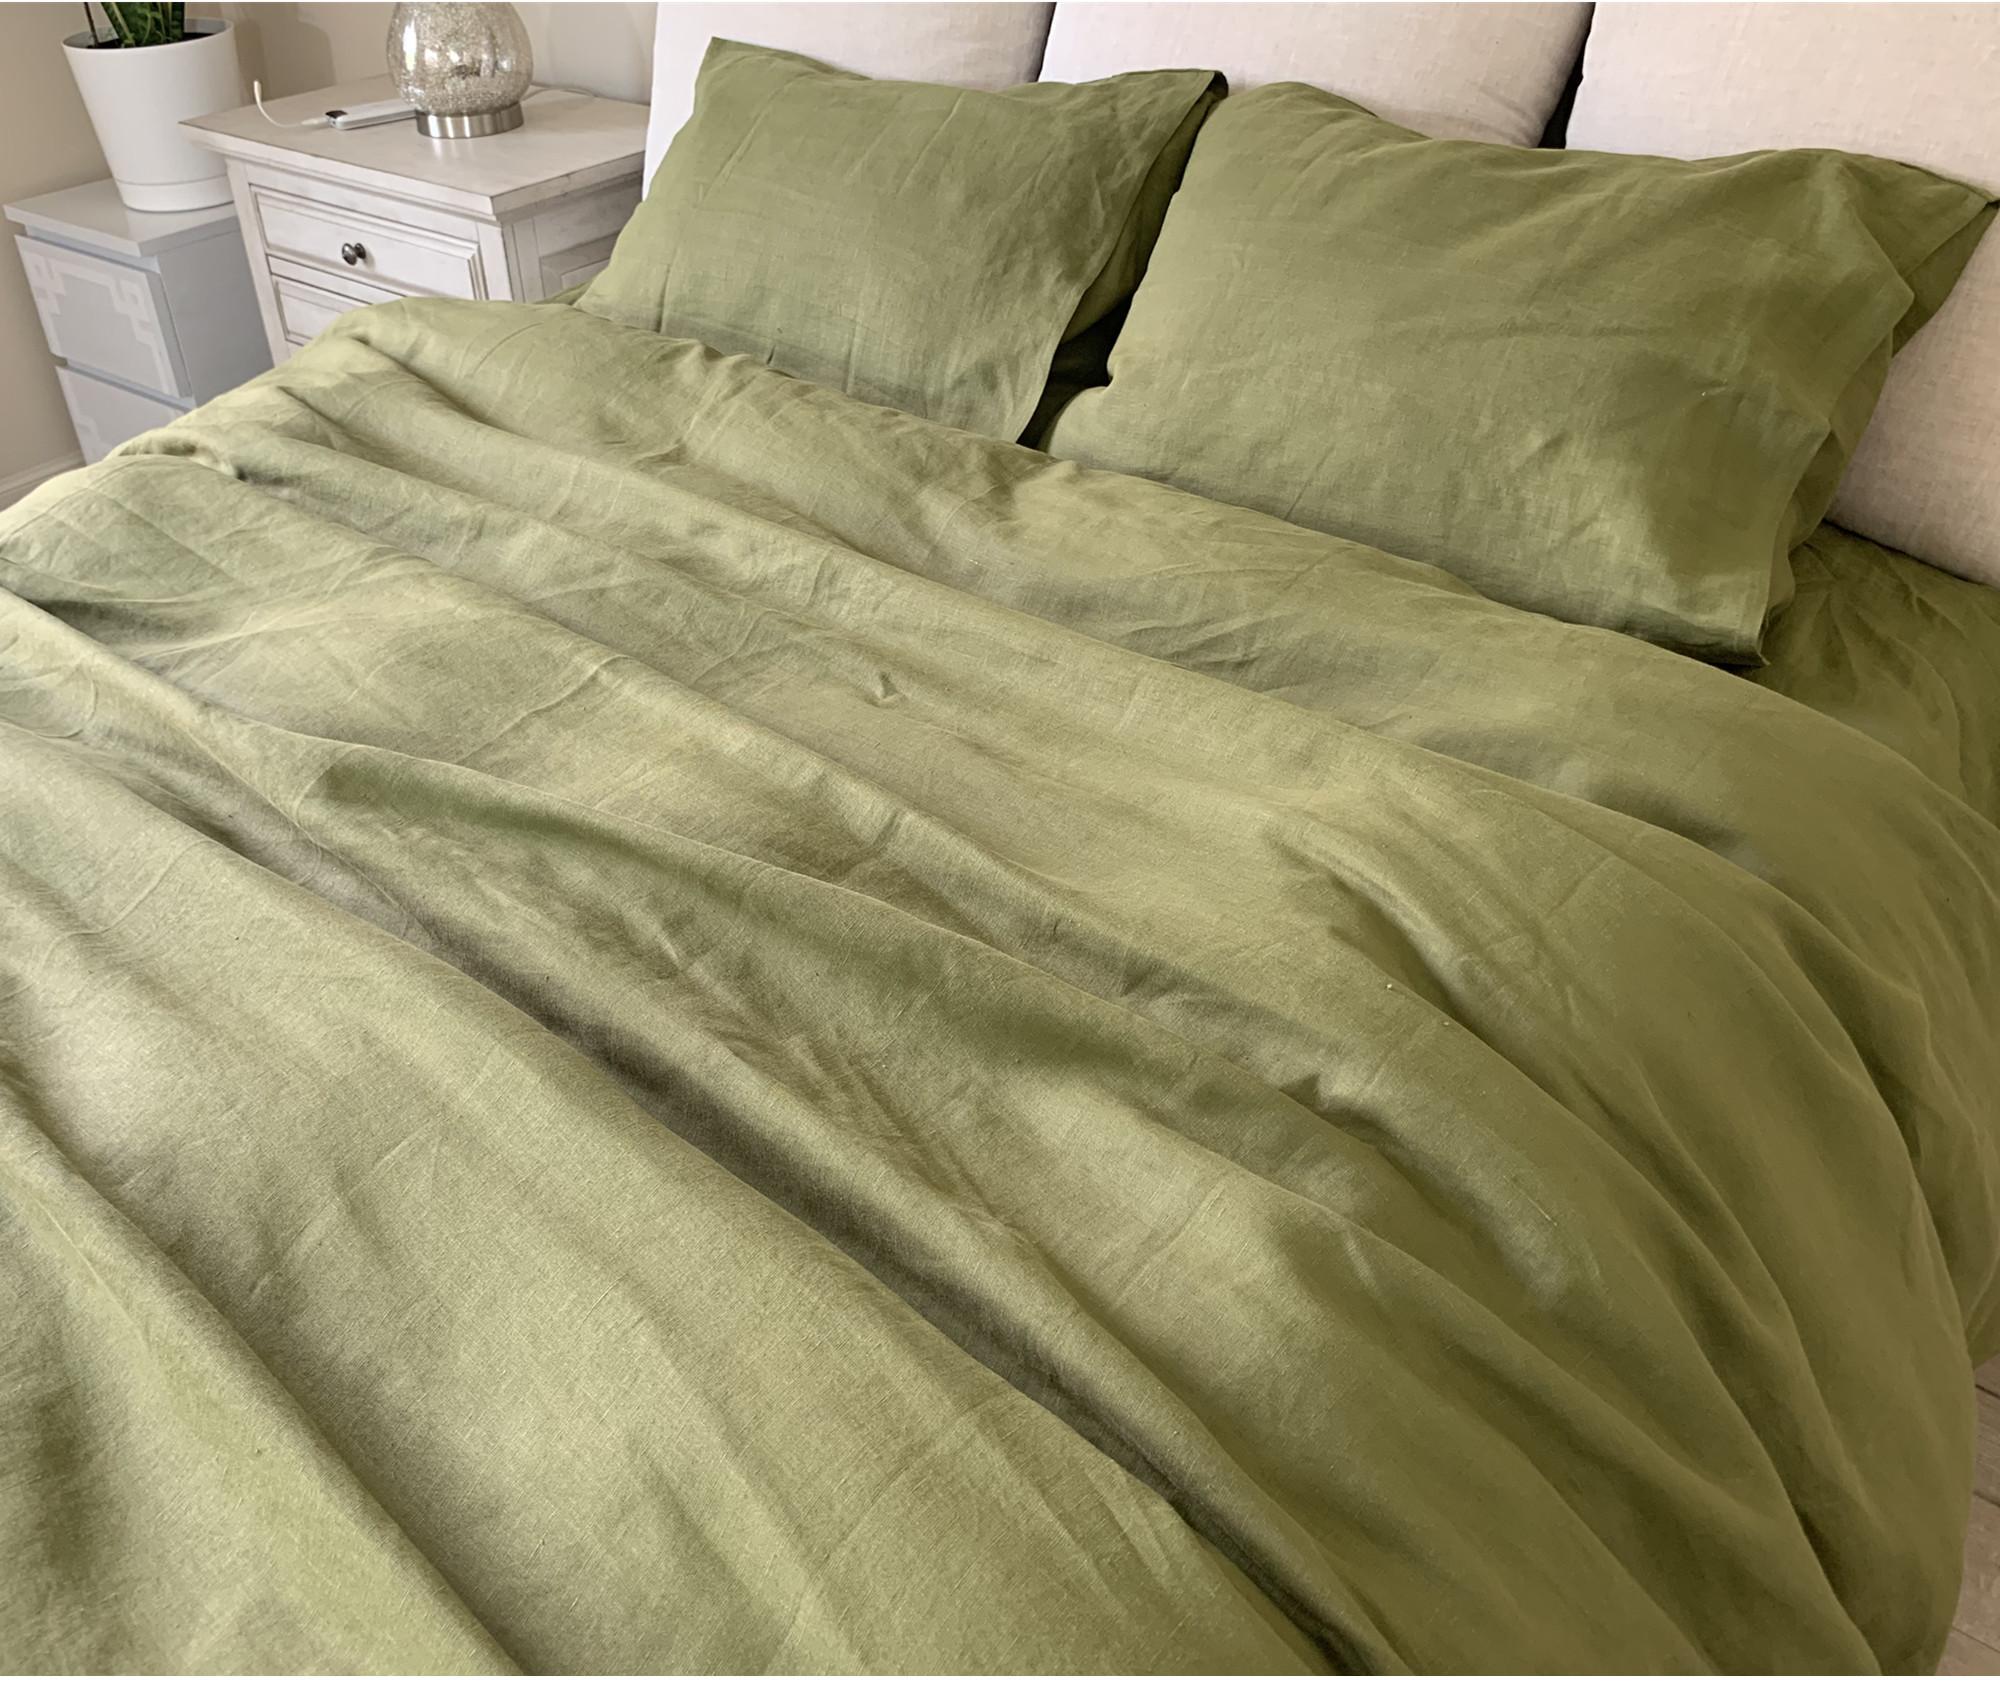 Rosemary Green Linen Duvet Cover